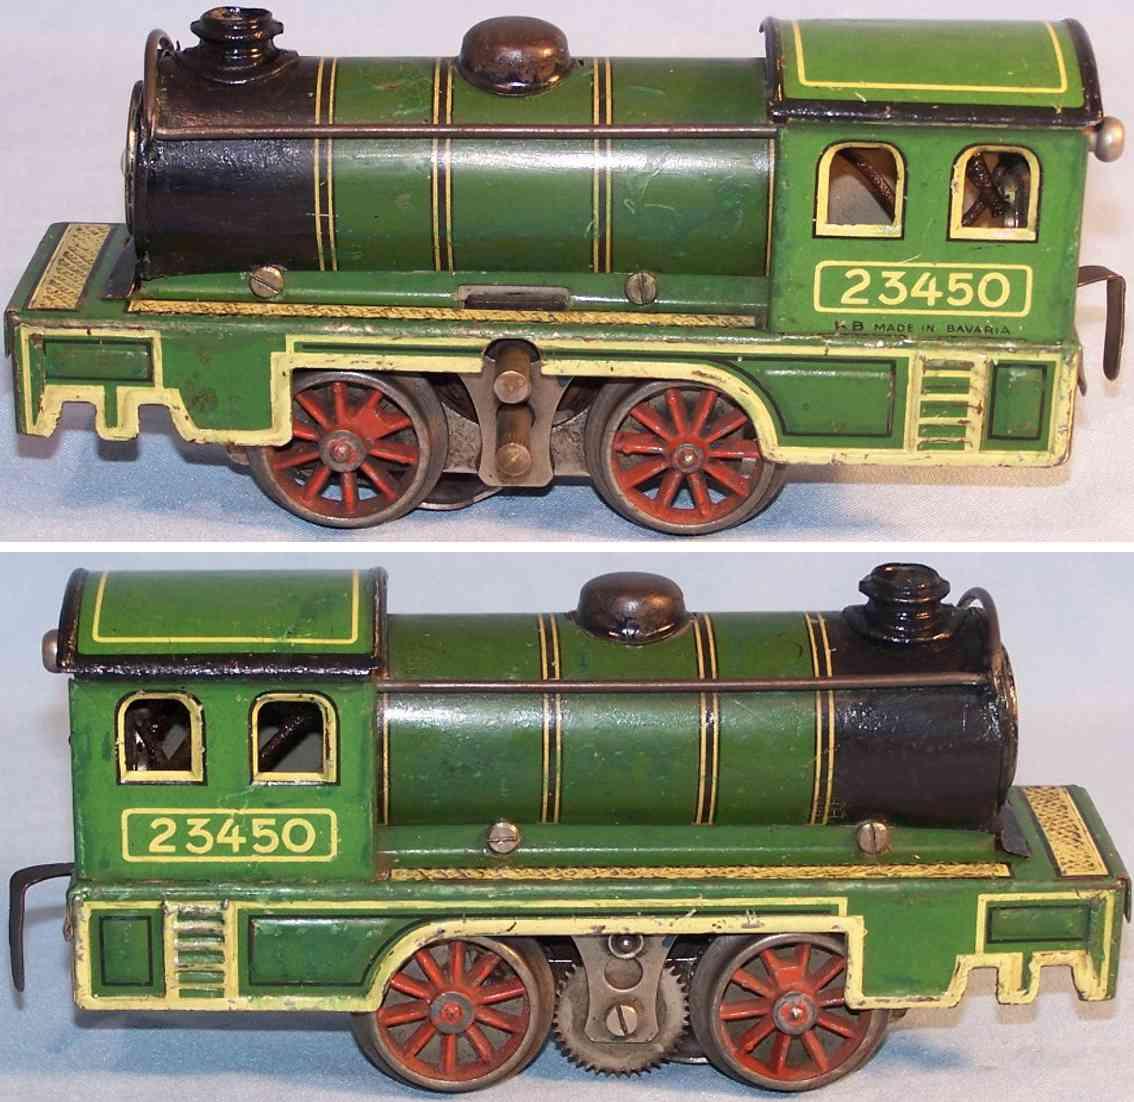 bub 23450 spielzeug eisenbahn tenderdampflokomotive spur 0